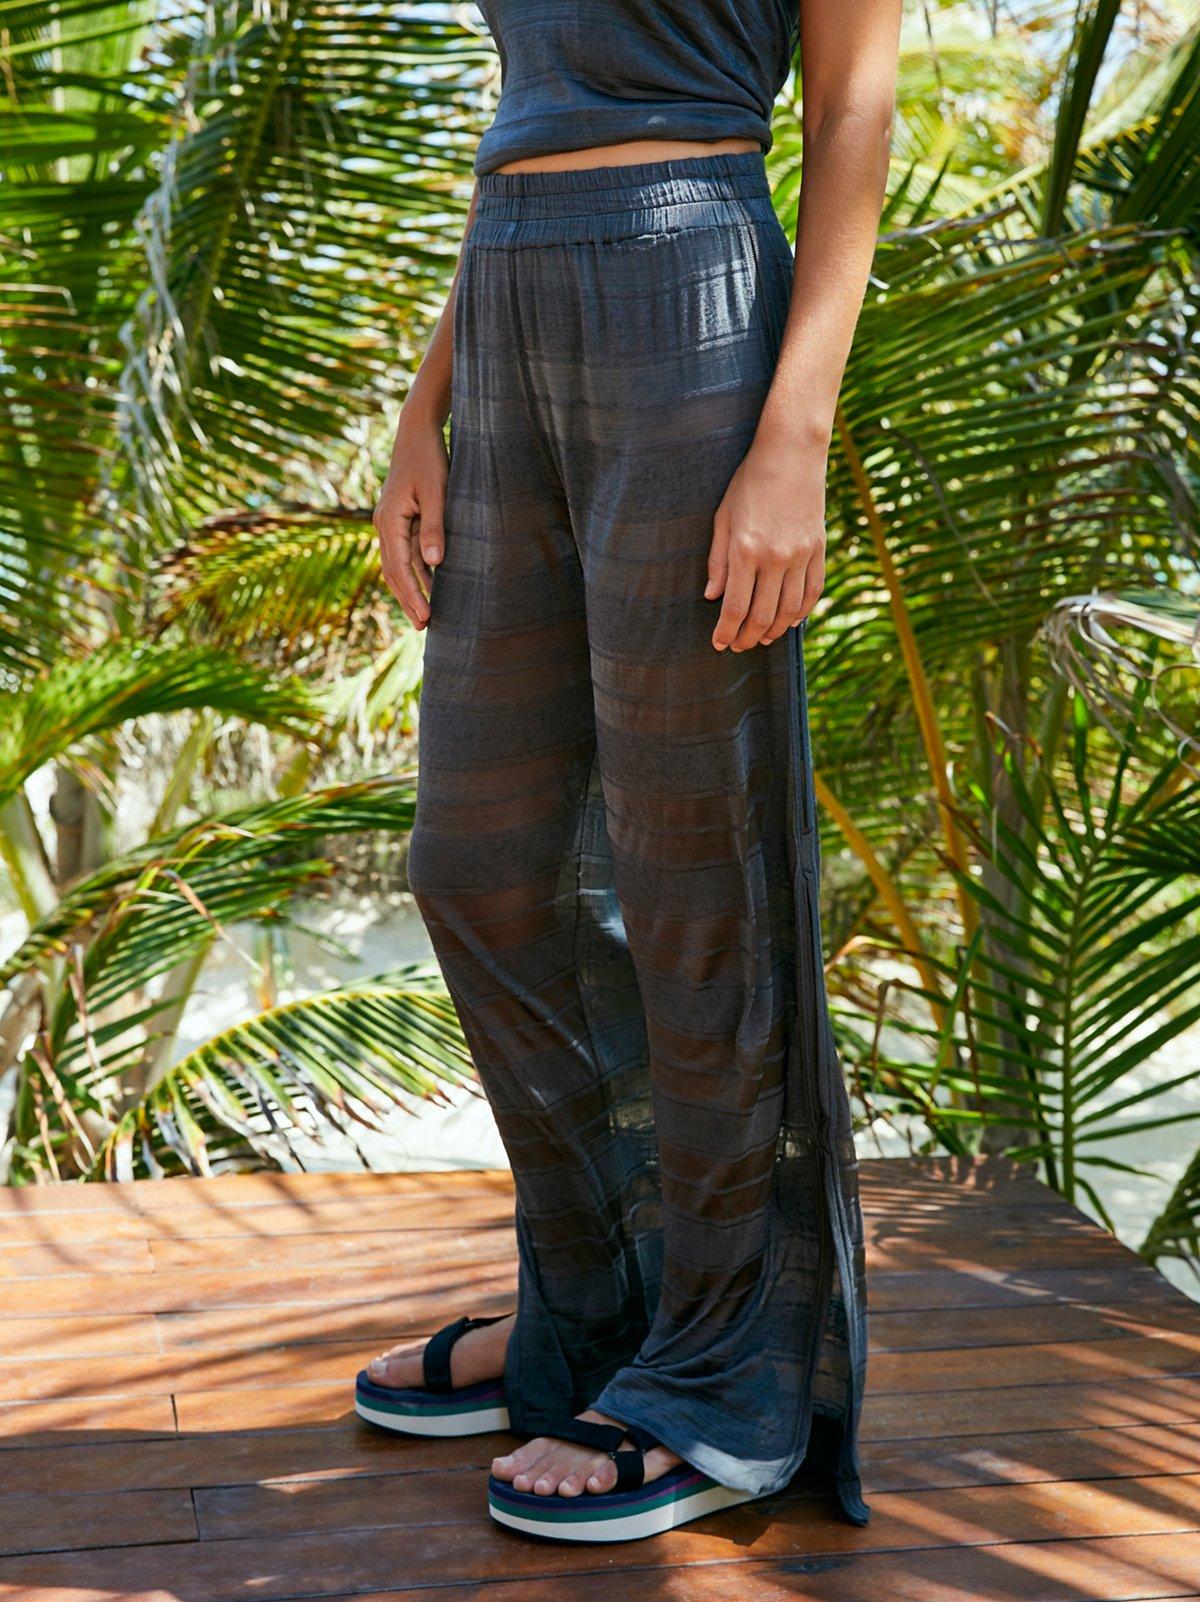 Shasta裤装